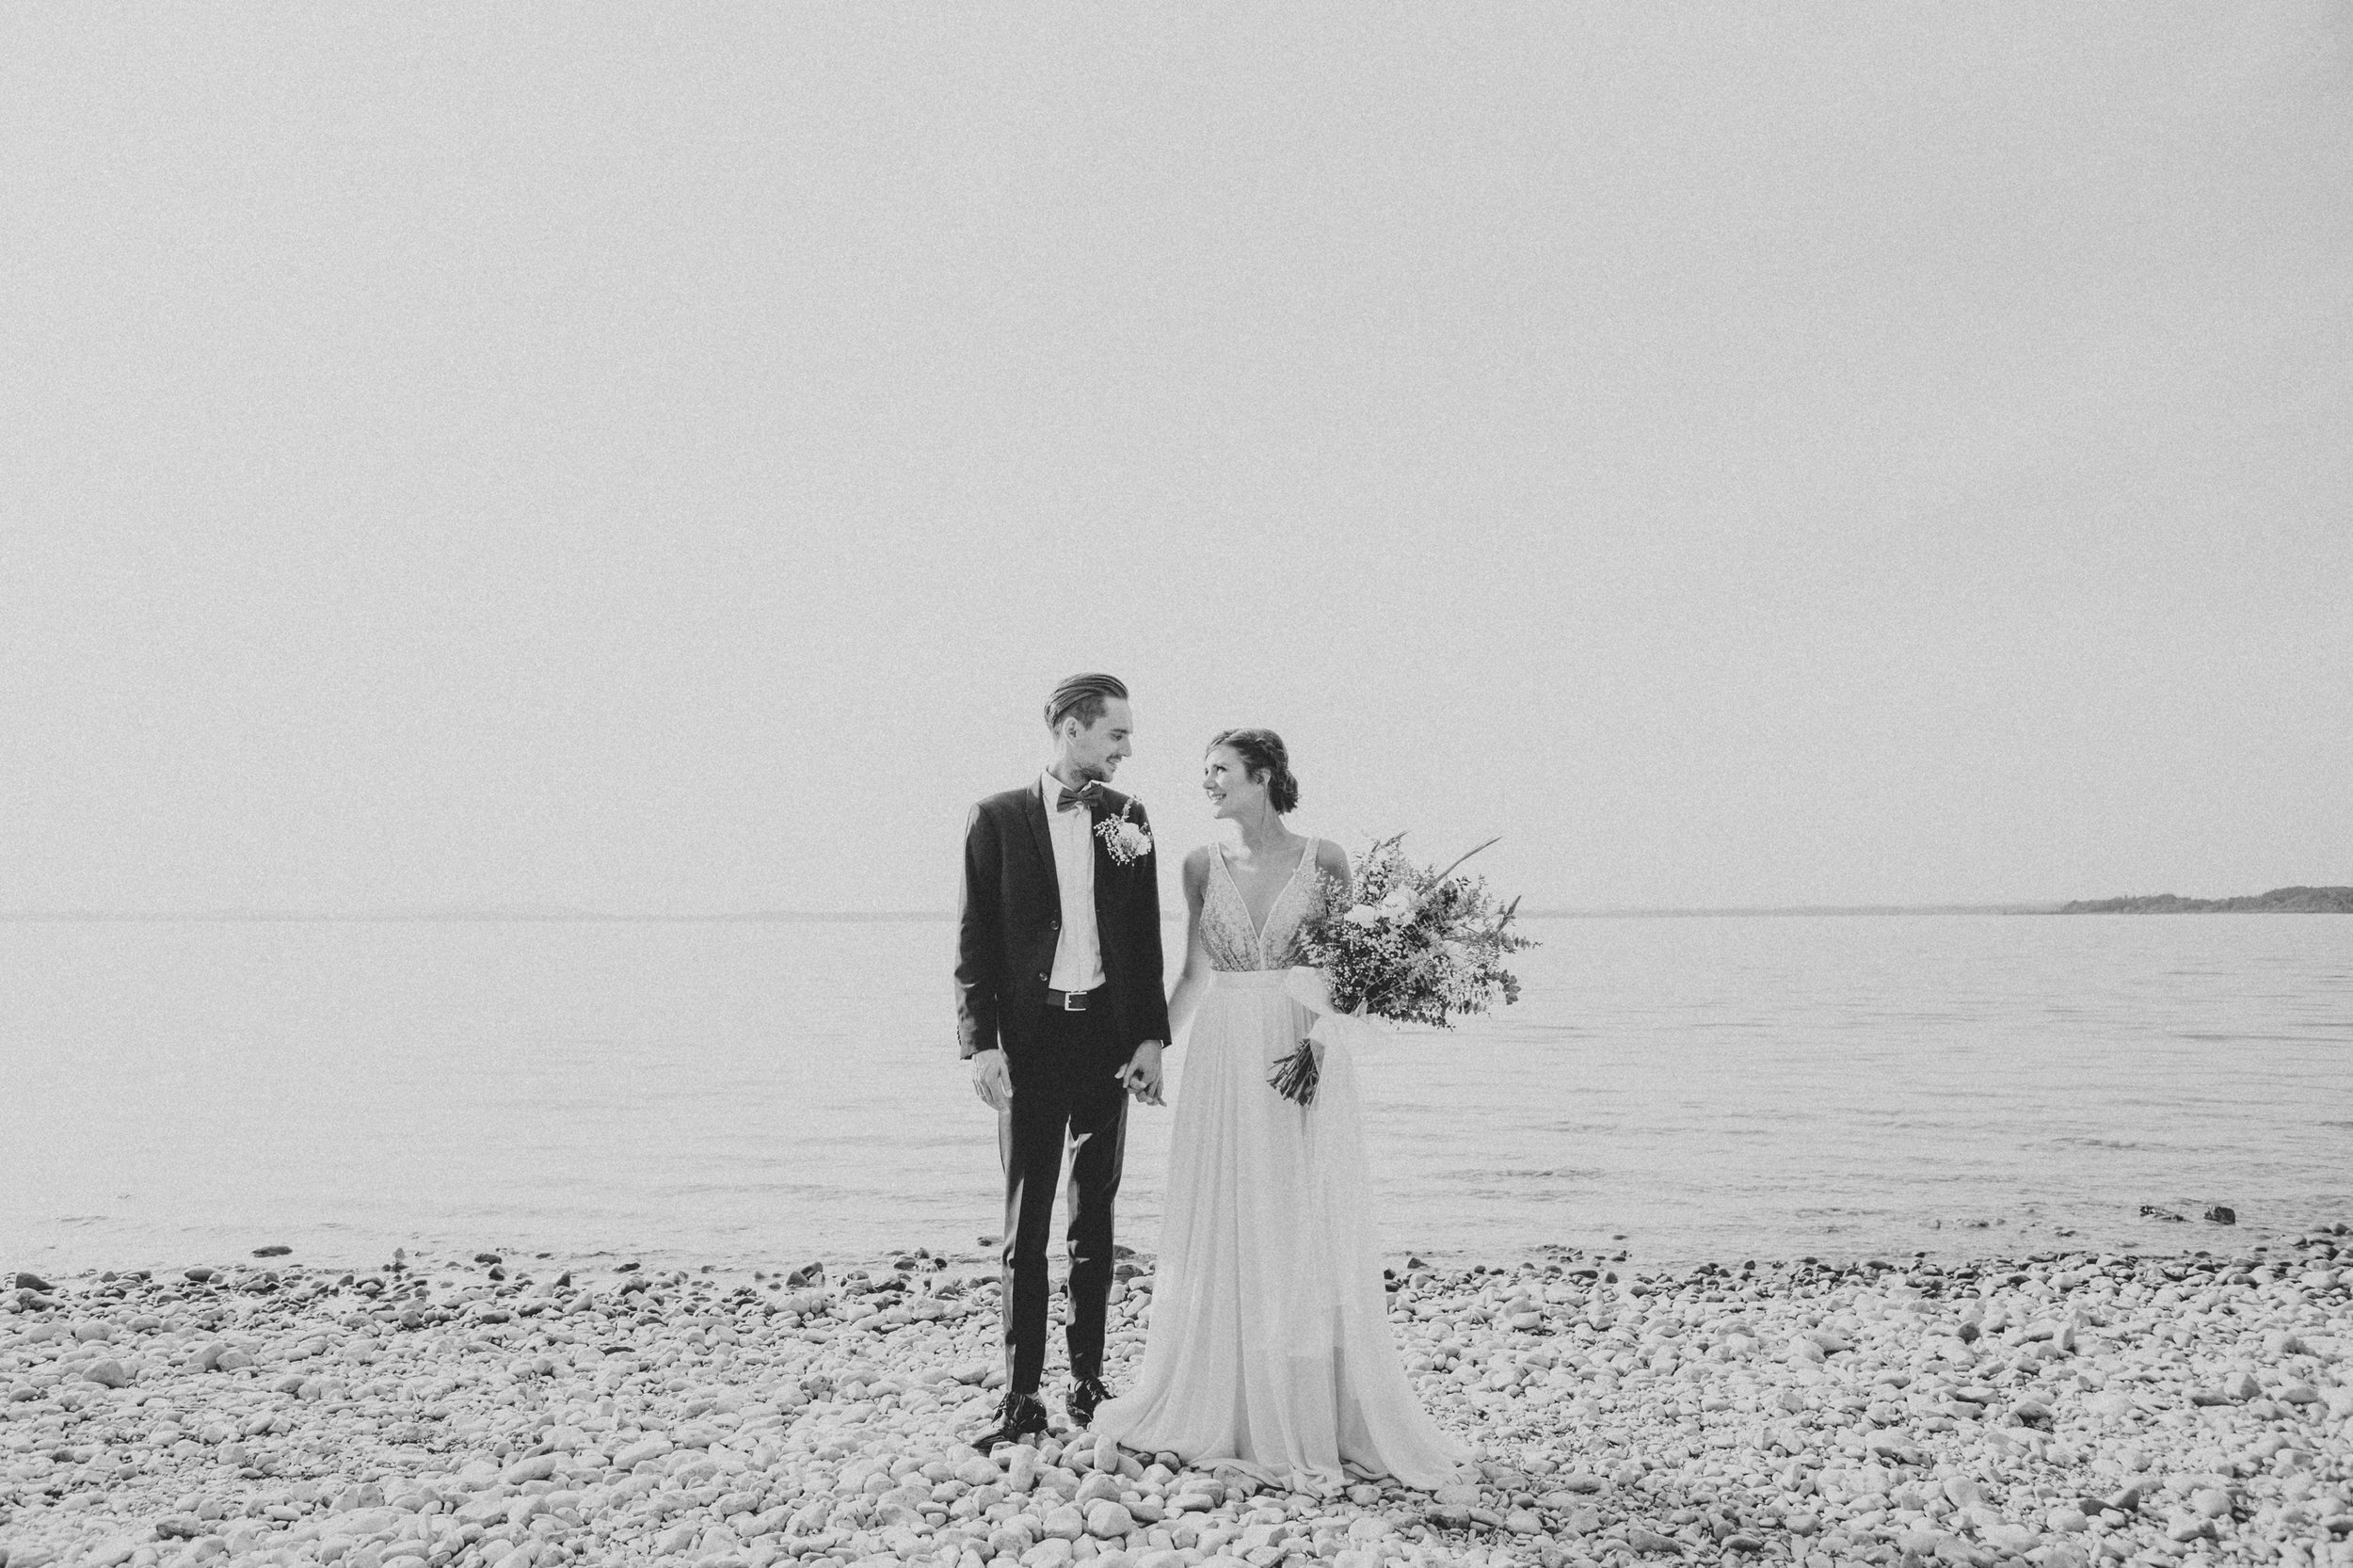 ohella_chiemsee_wedding-11.jpg